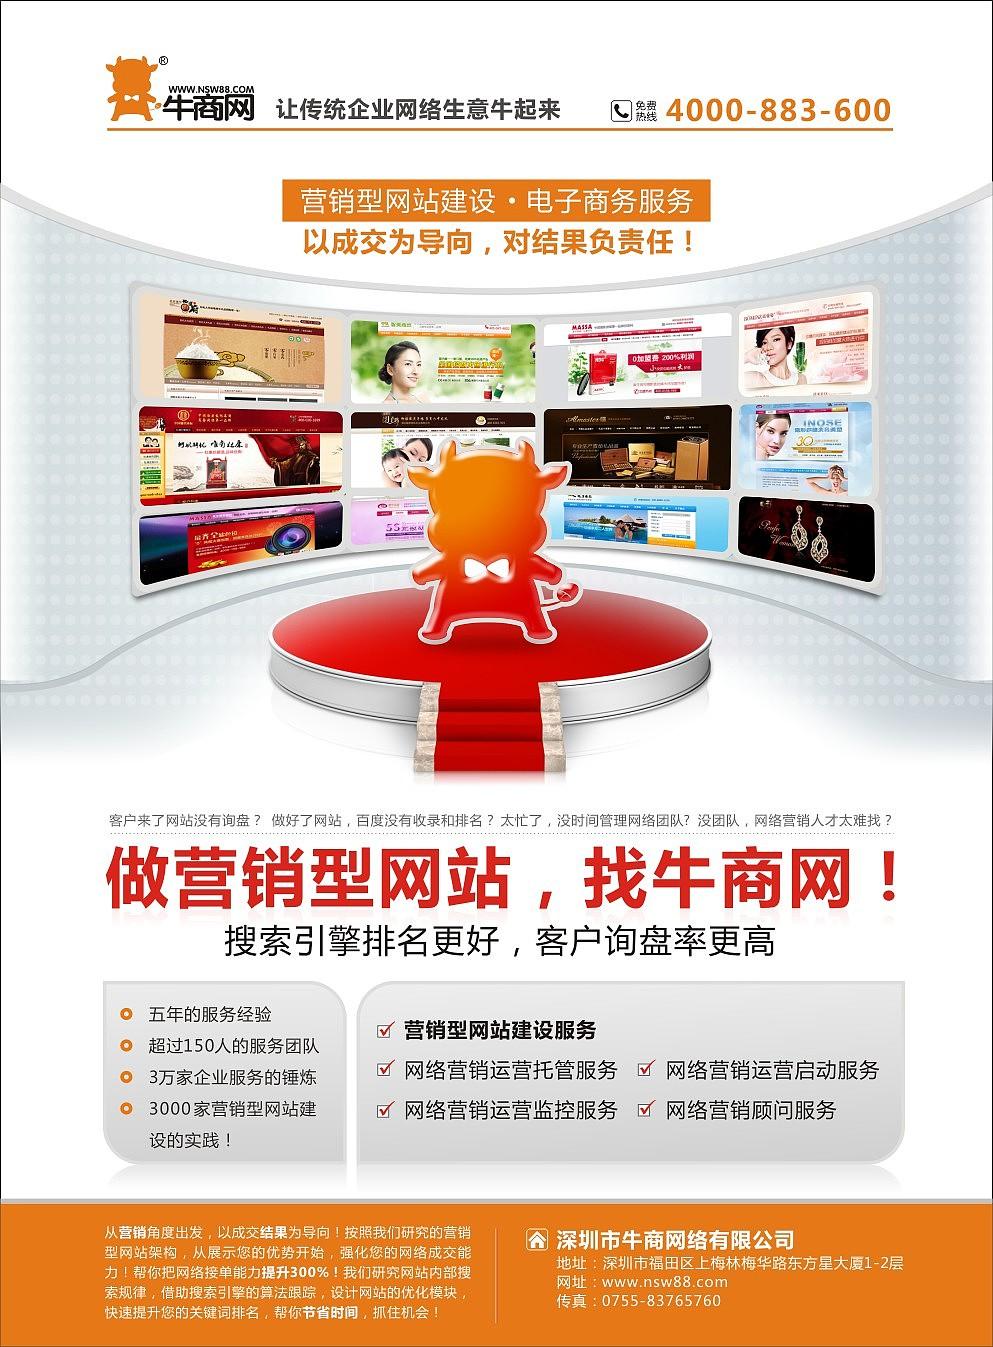 牛商网 杂志广告页 宣传单 网站建设